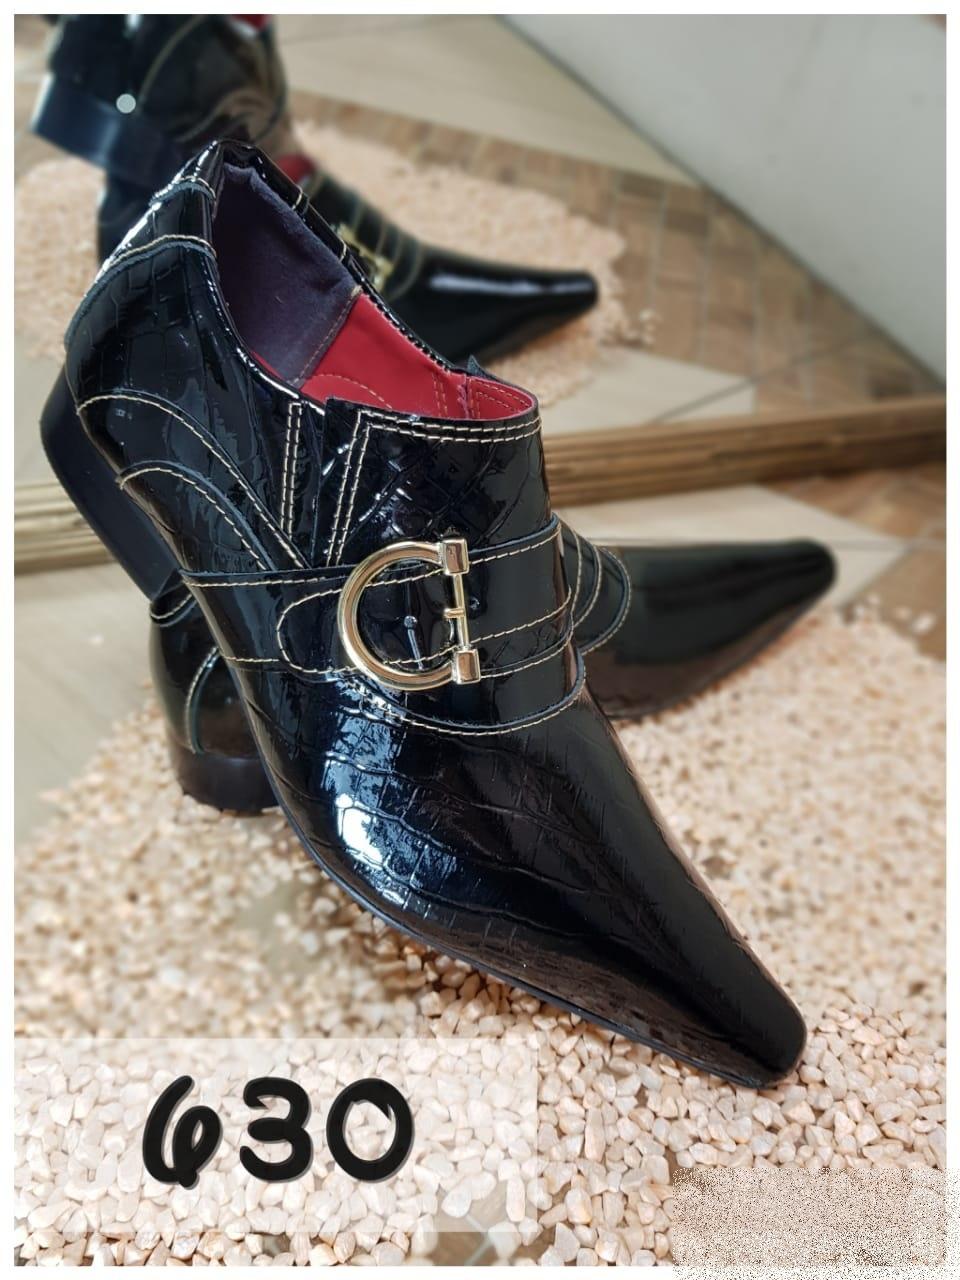 b5235c4f0 Sapatos social clássico em preto verniz com bico fino 630 – ITA Comfort